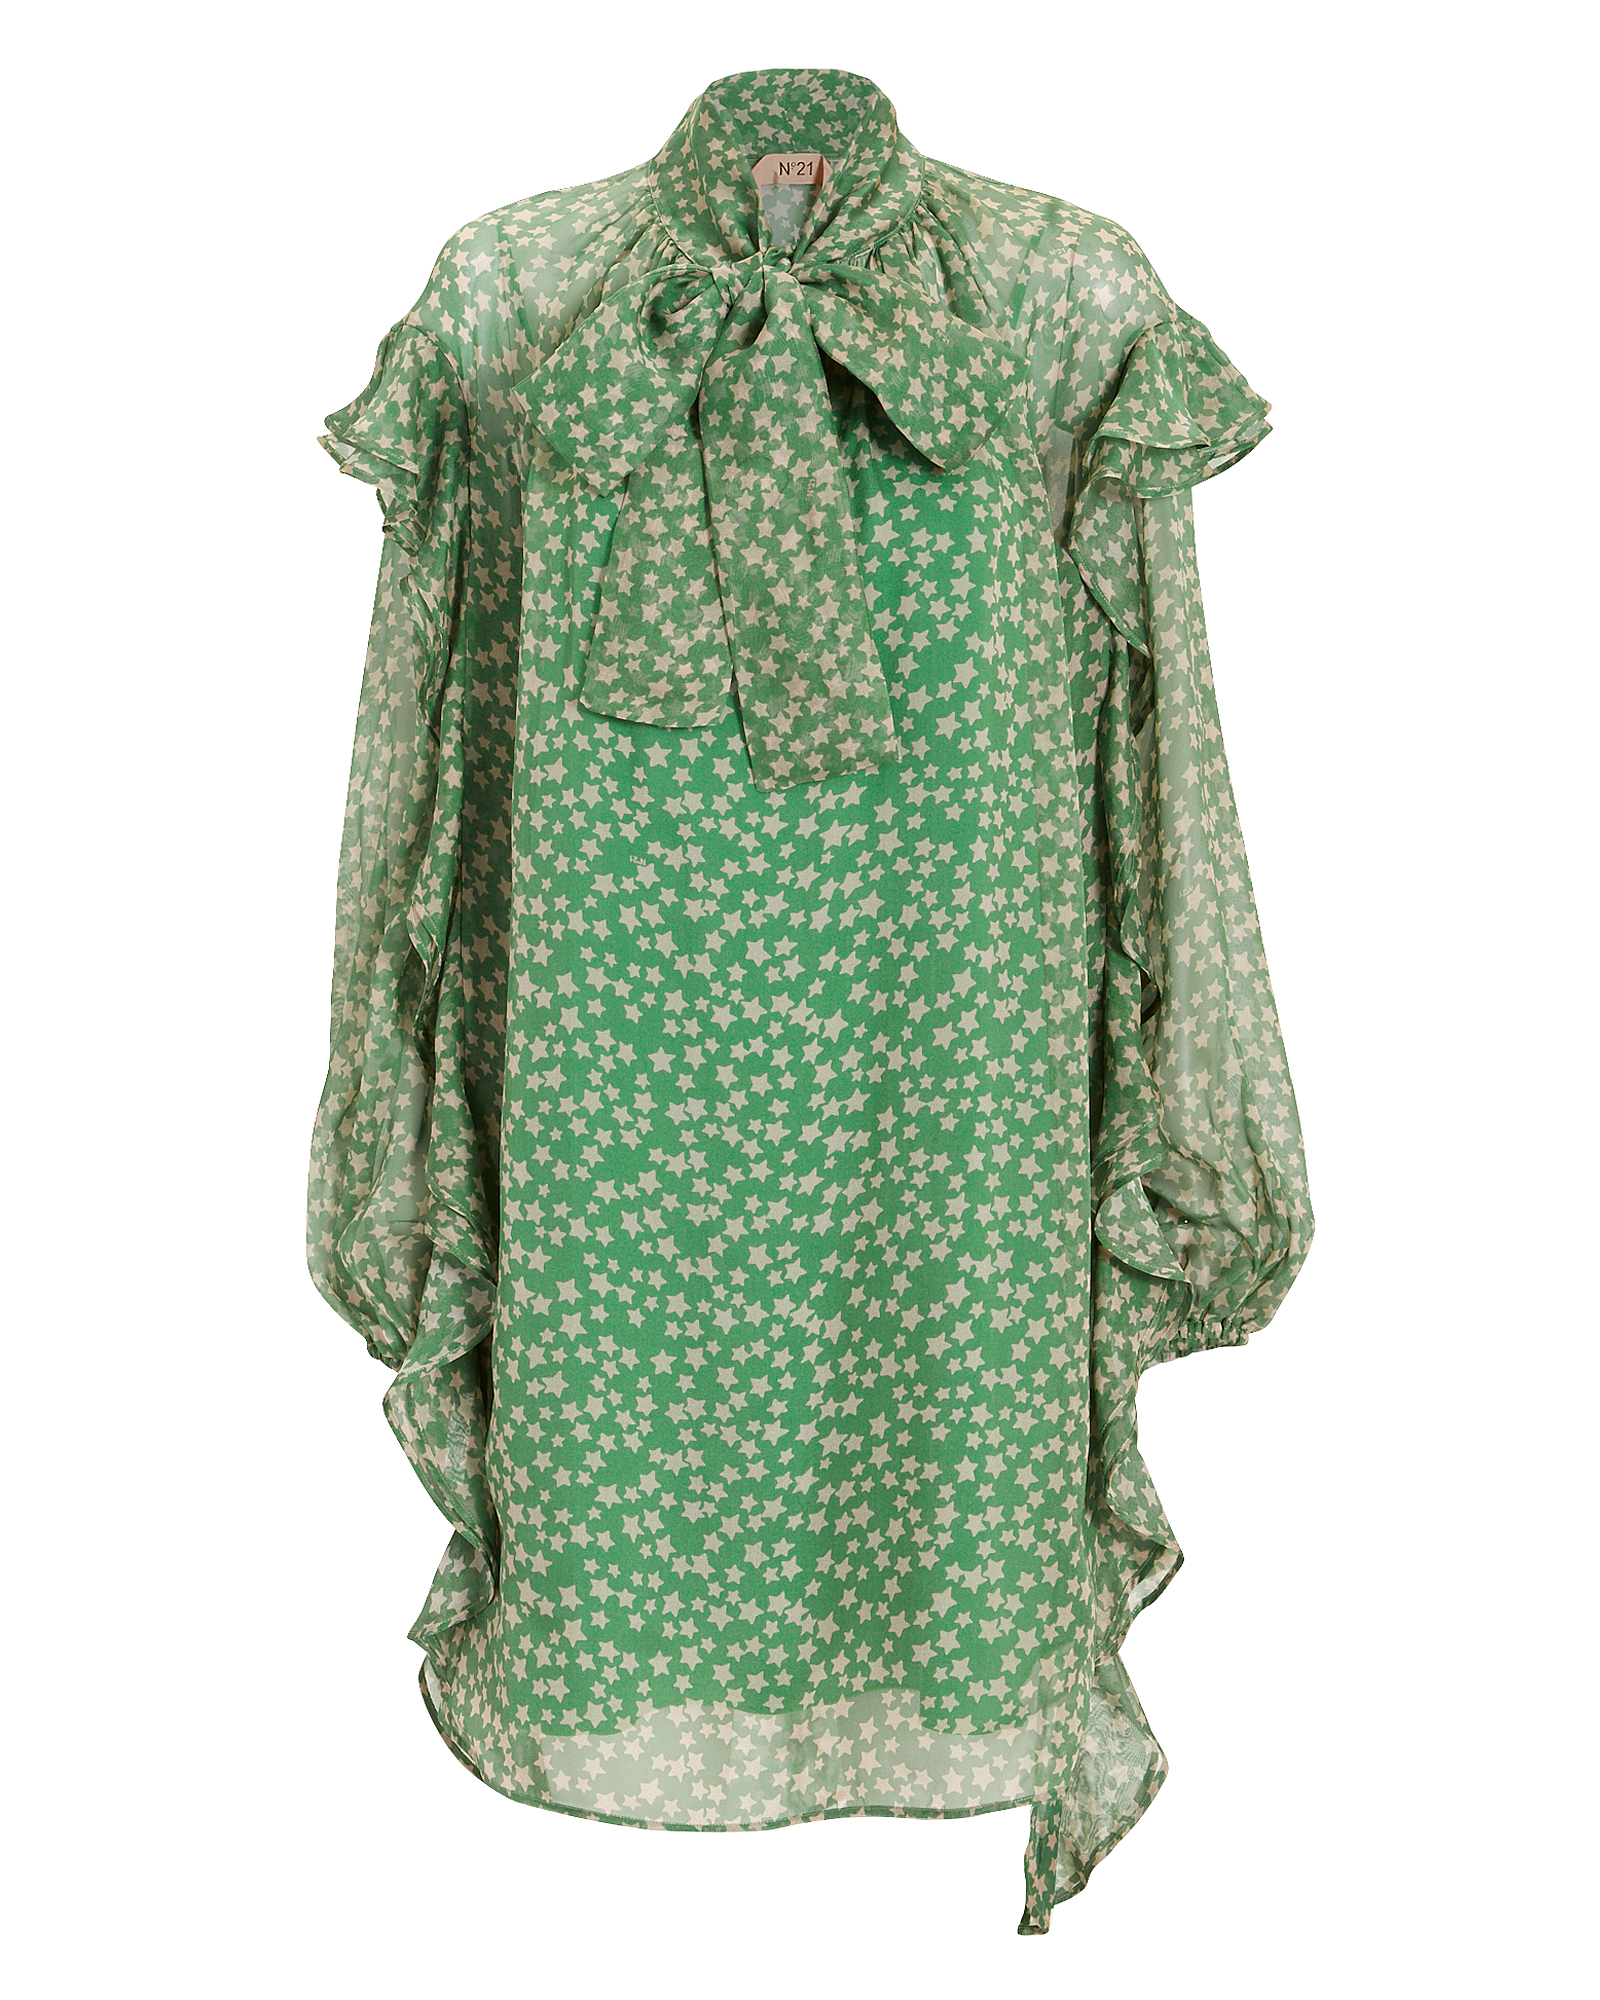 NO. 21 STAR MINI DRESS GREEN